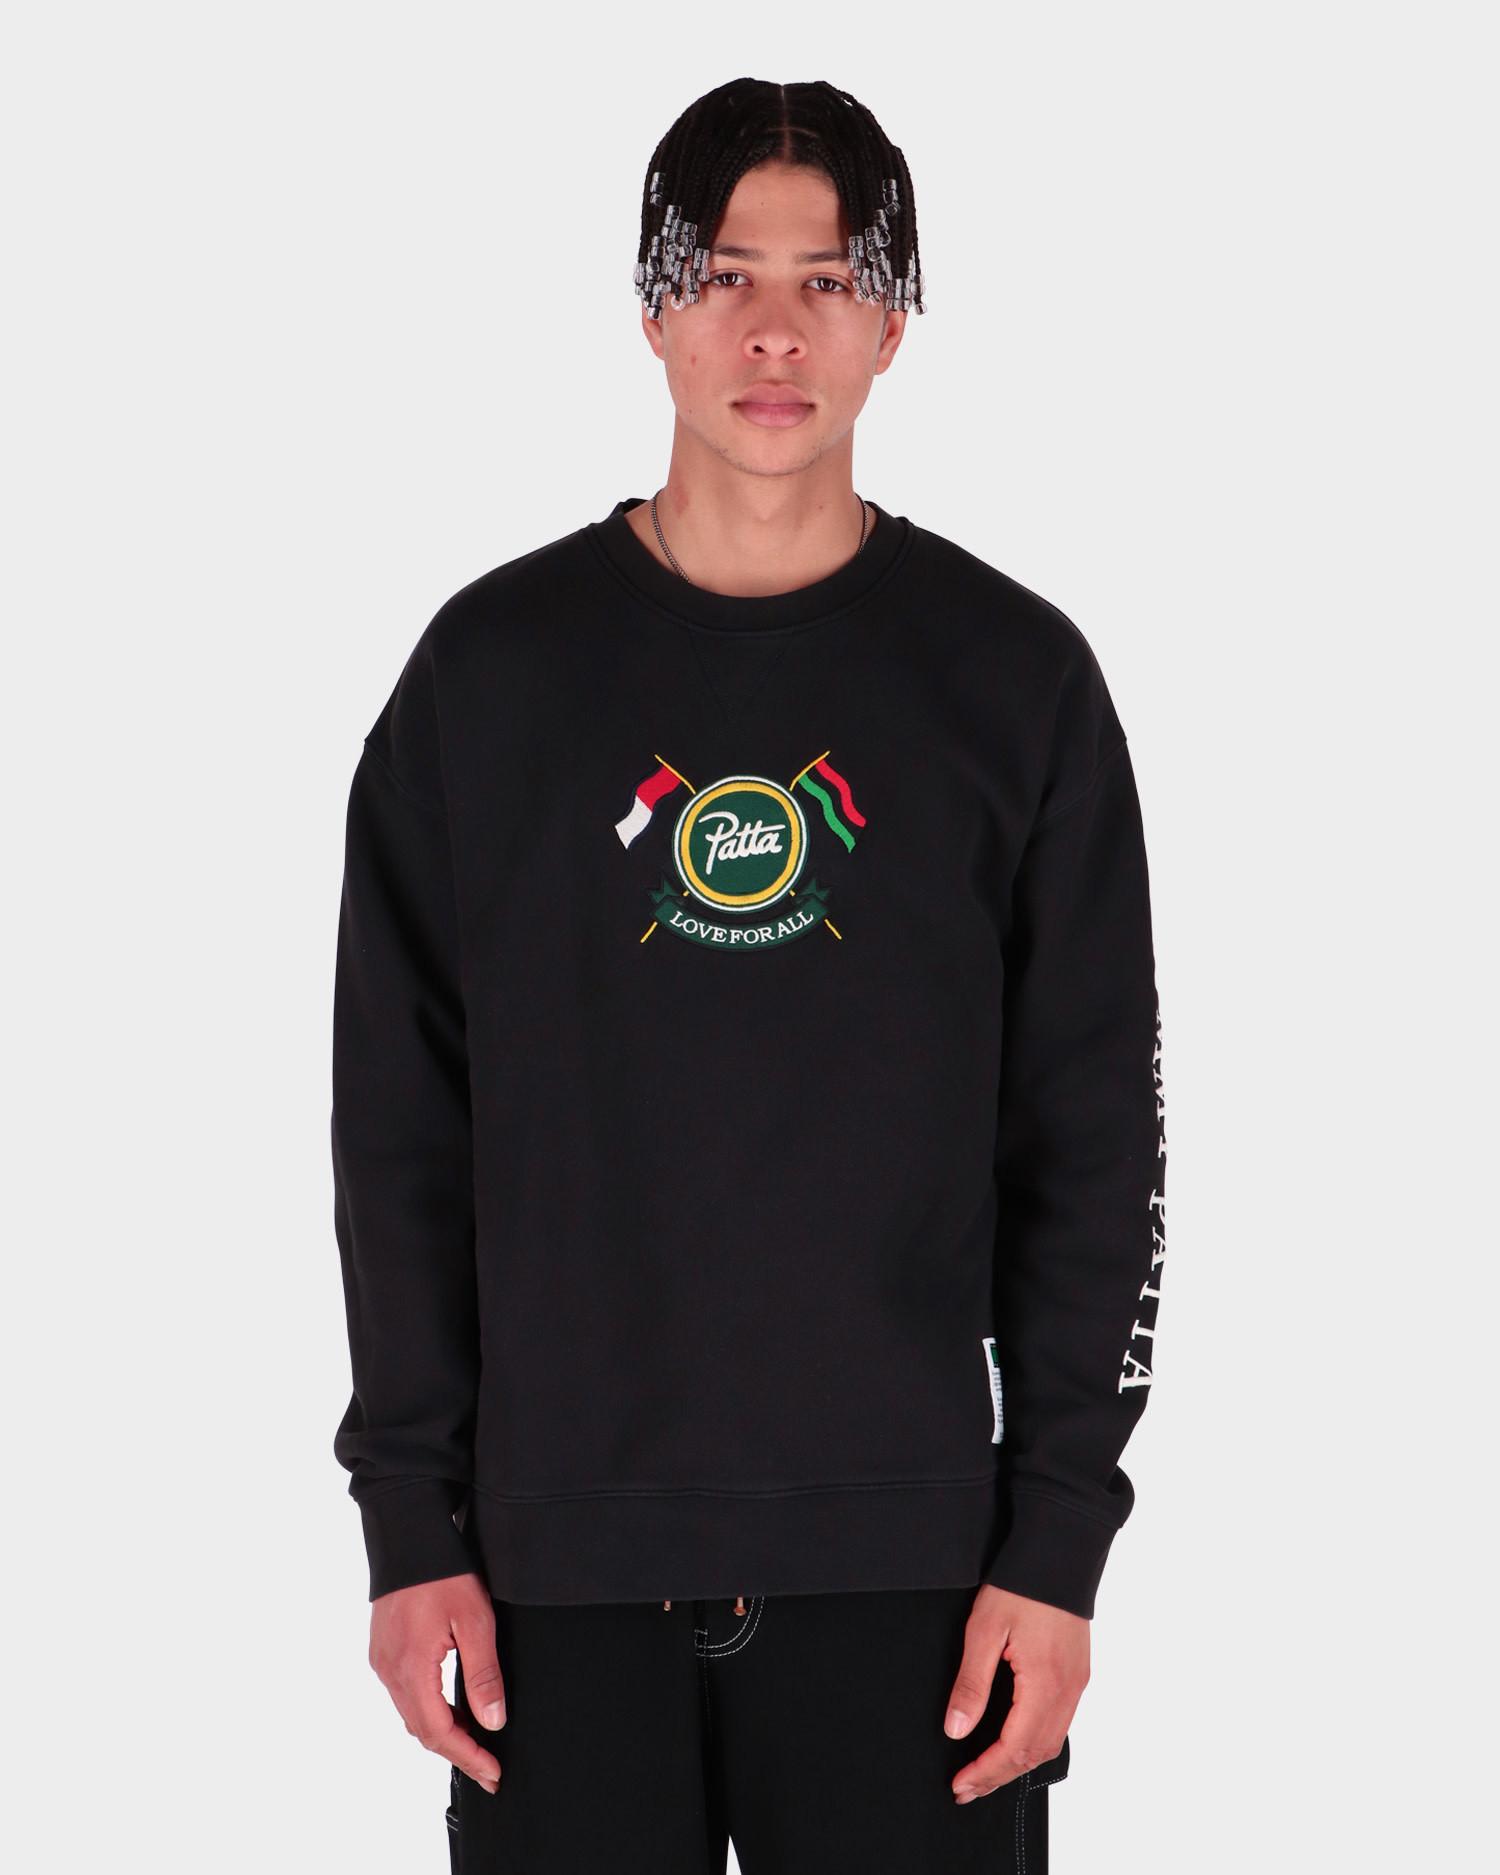 Patta x Tommy Sweatshirt Black